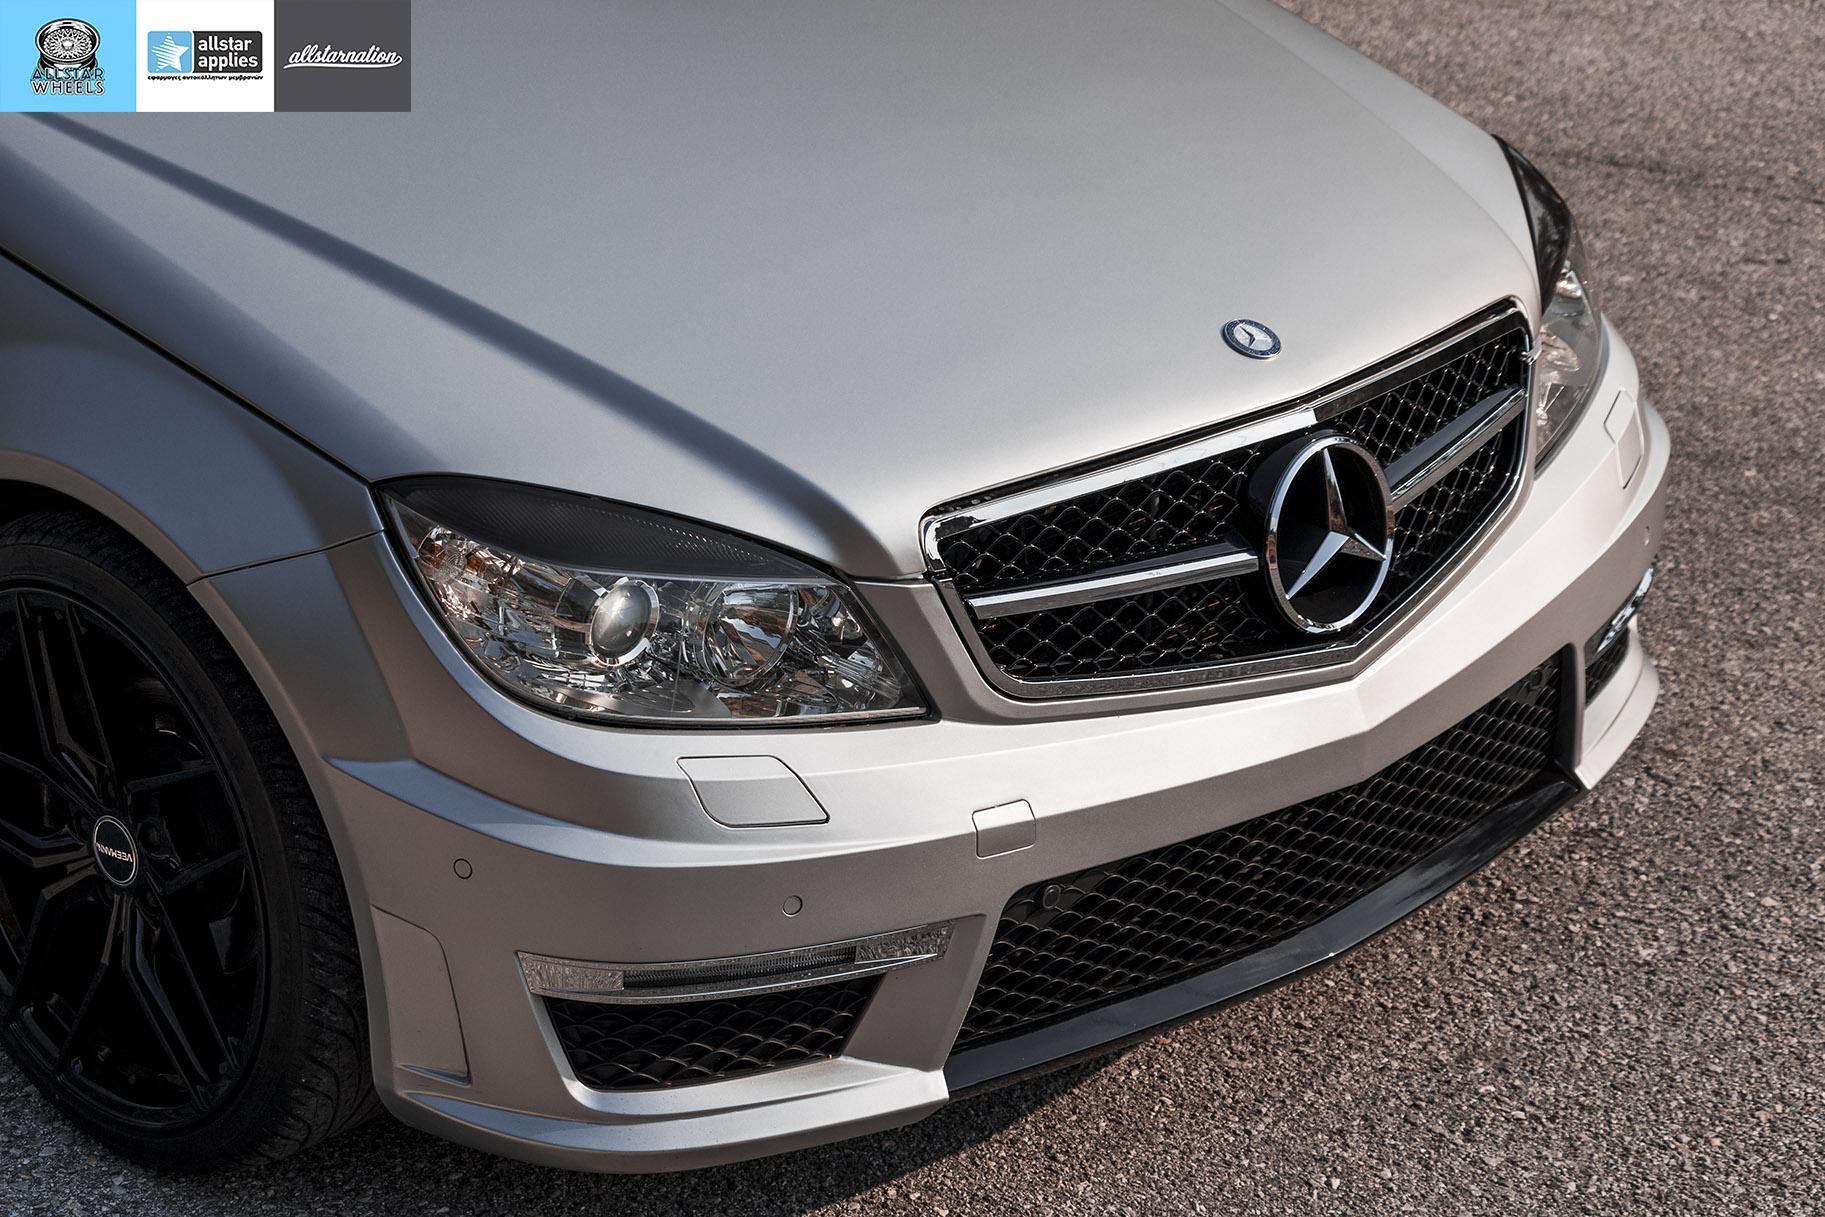 Mercedes Benz C Class Amg Project Allstar Applies